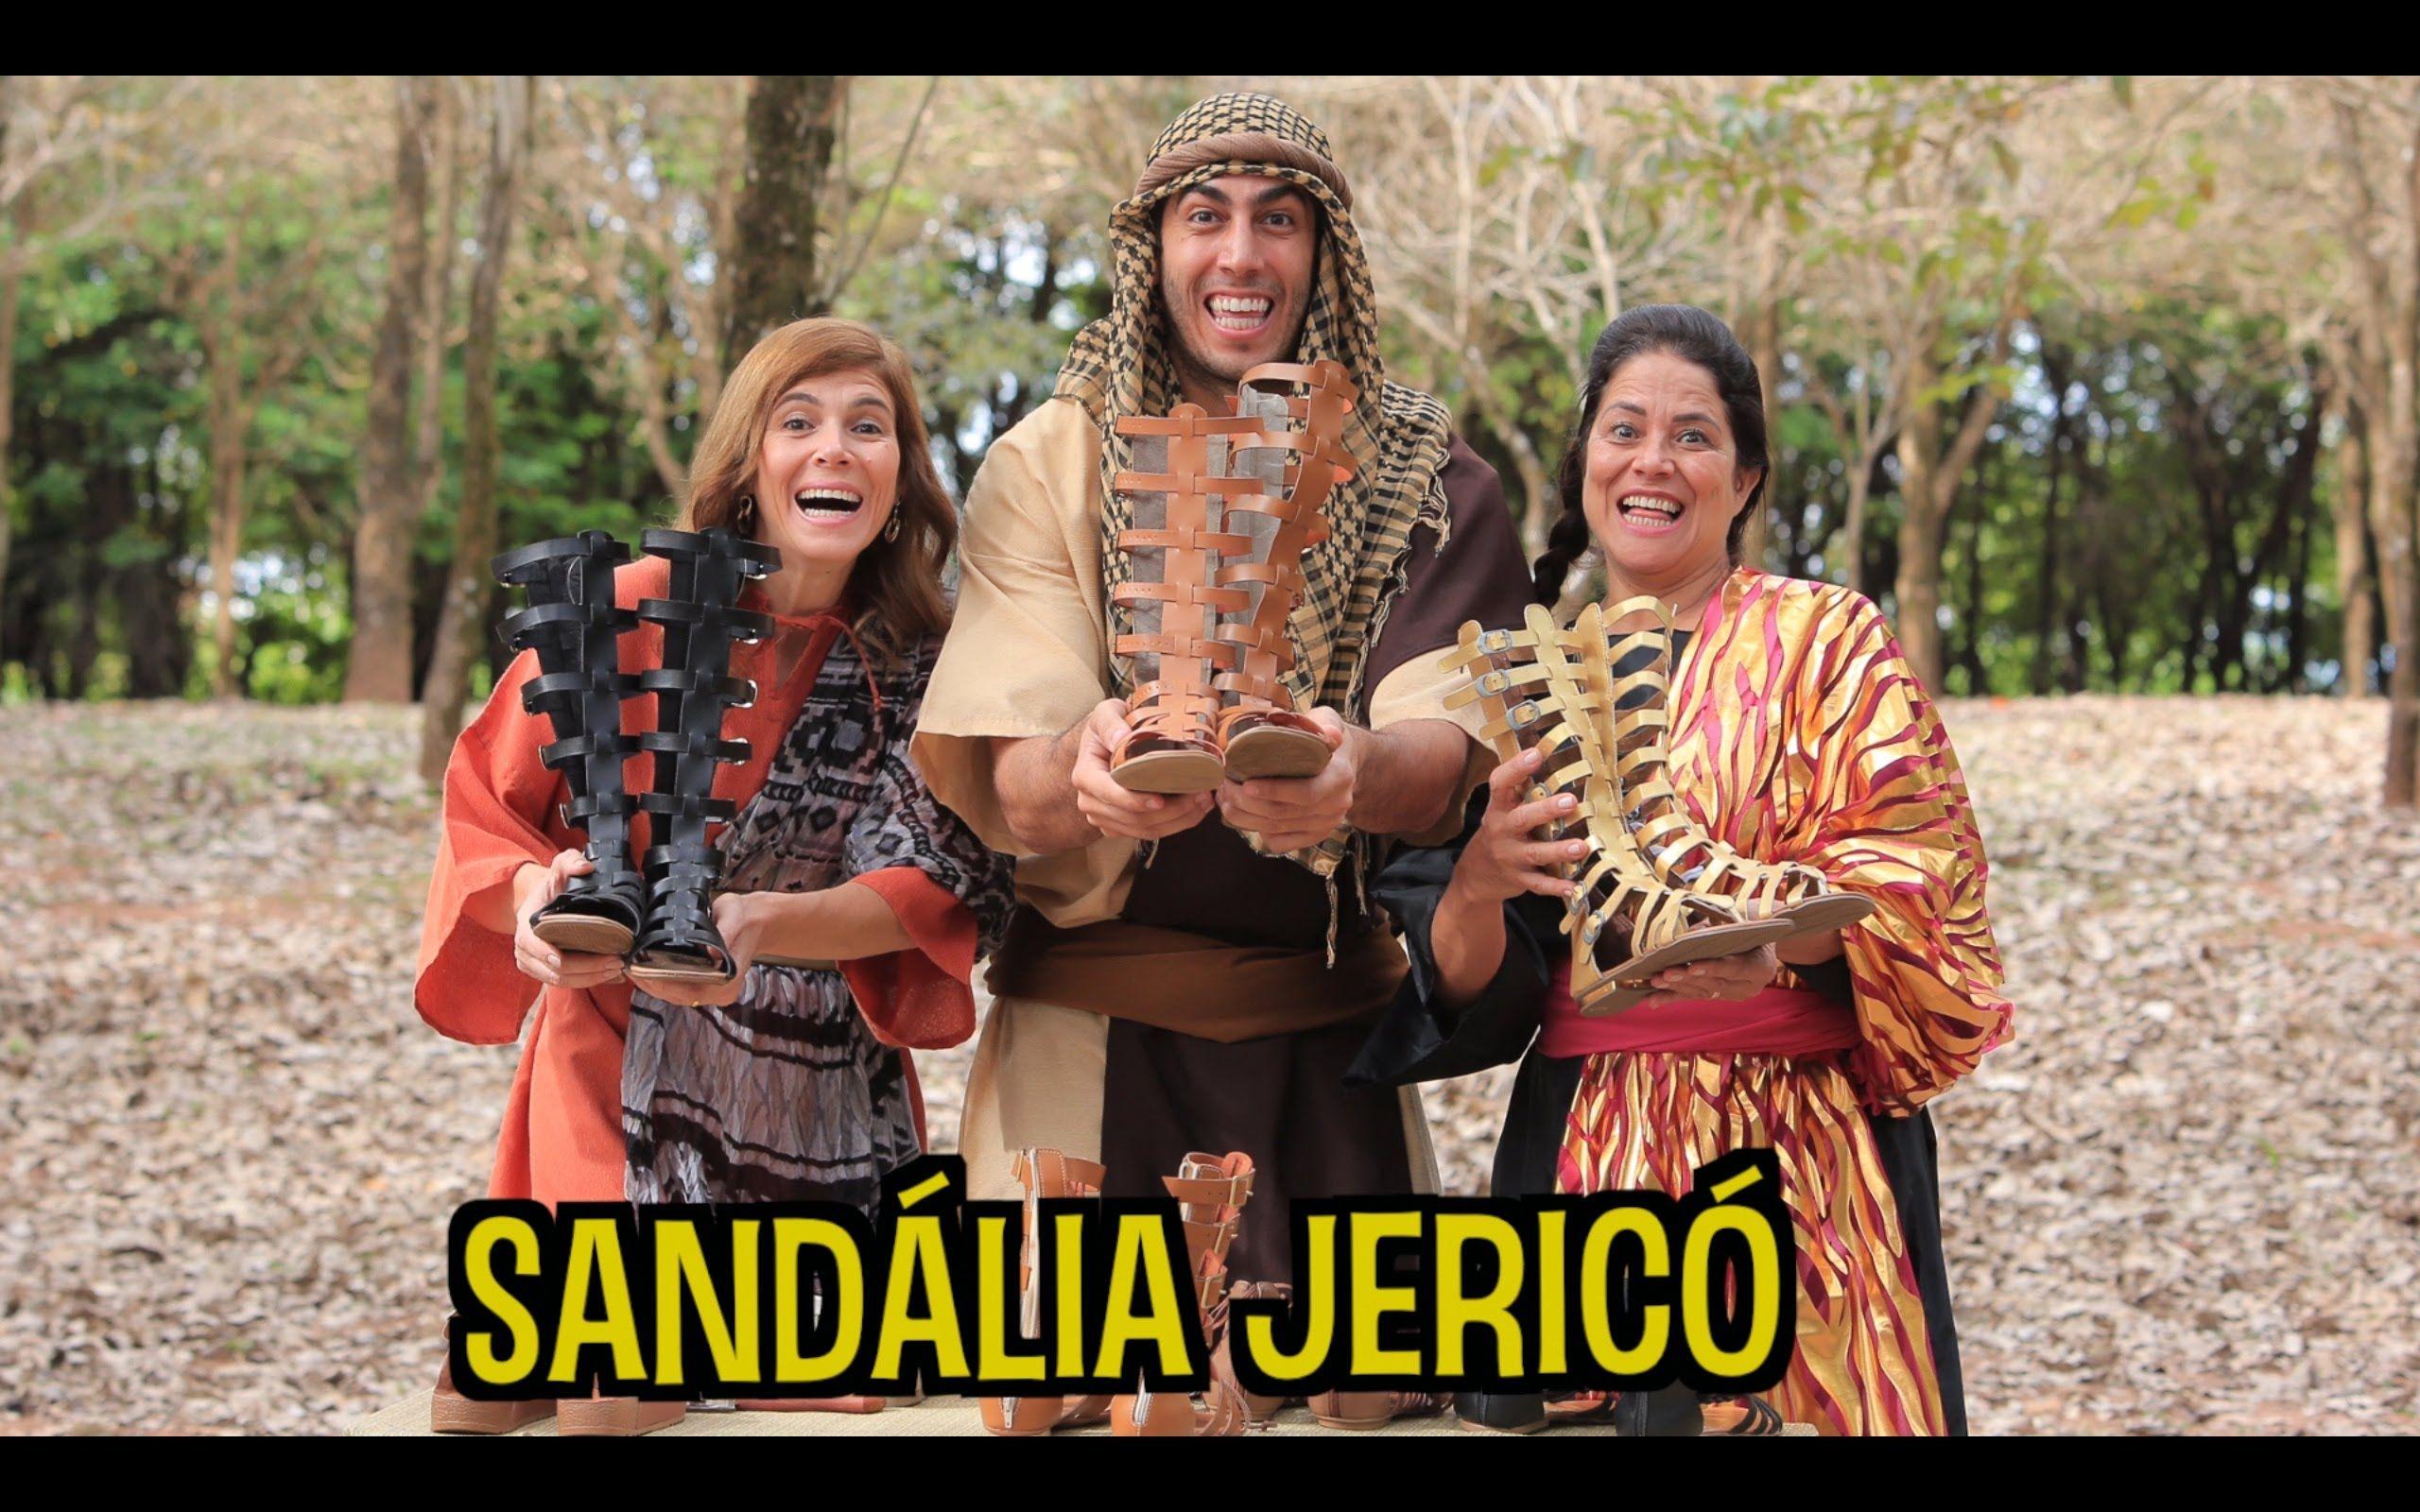 Sandália Jericó - DESCONFINADOS